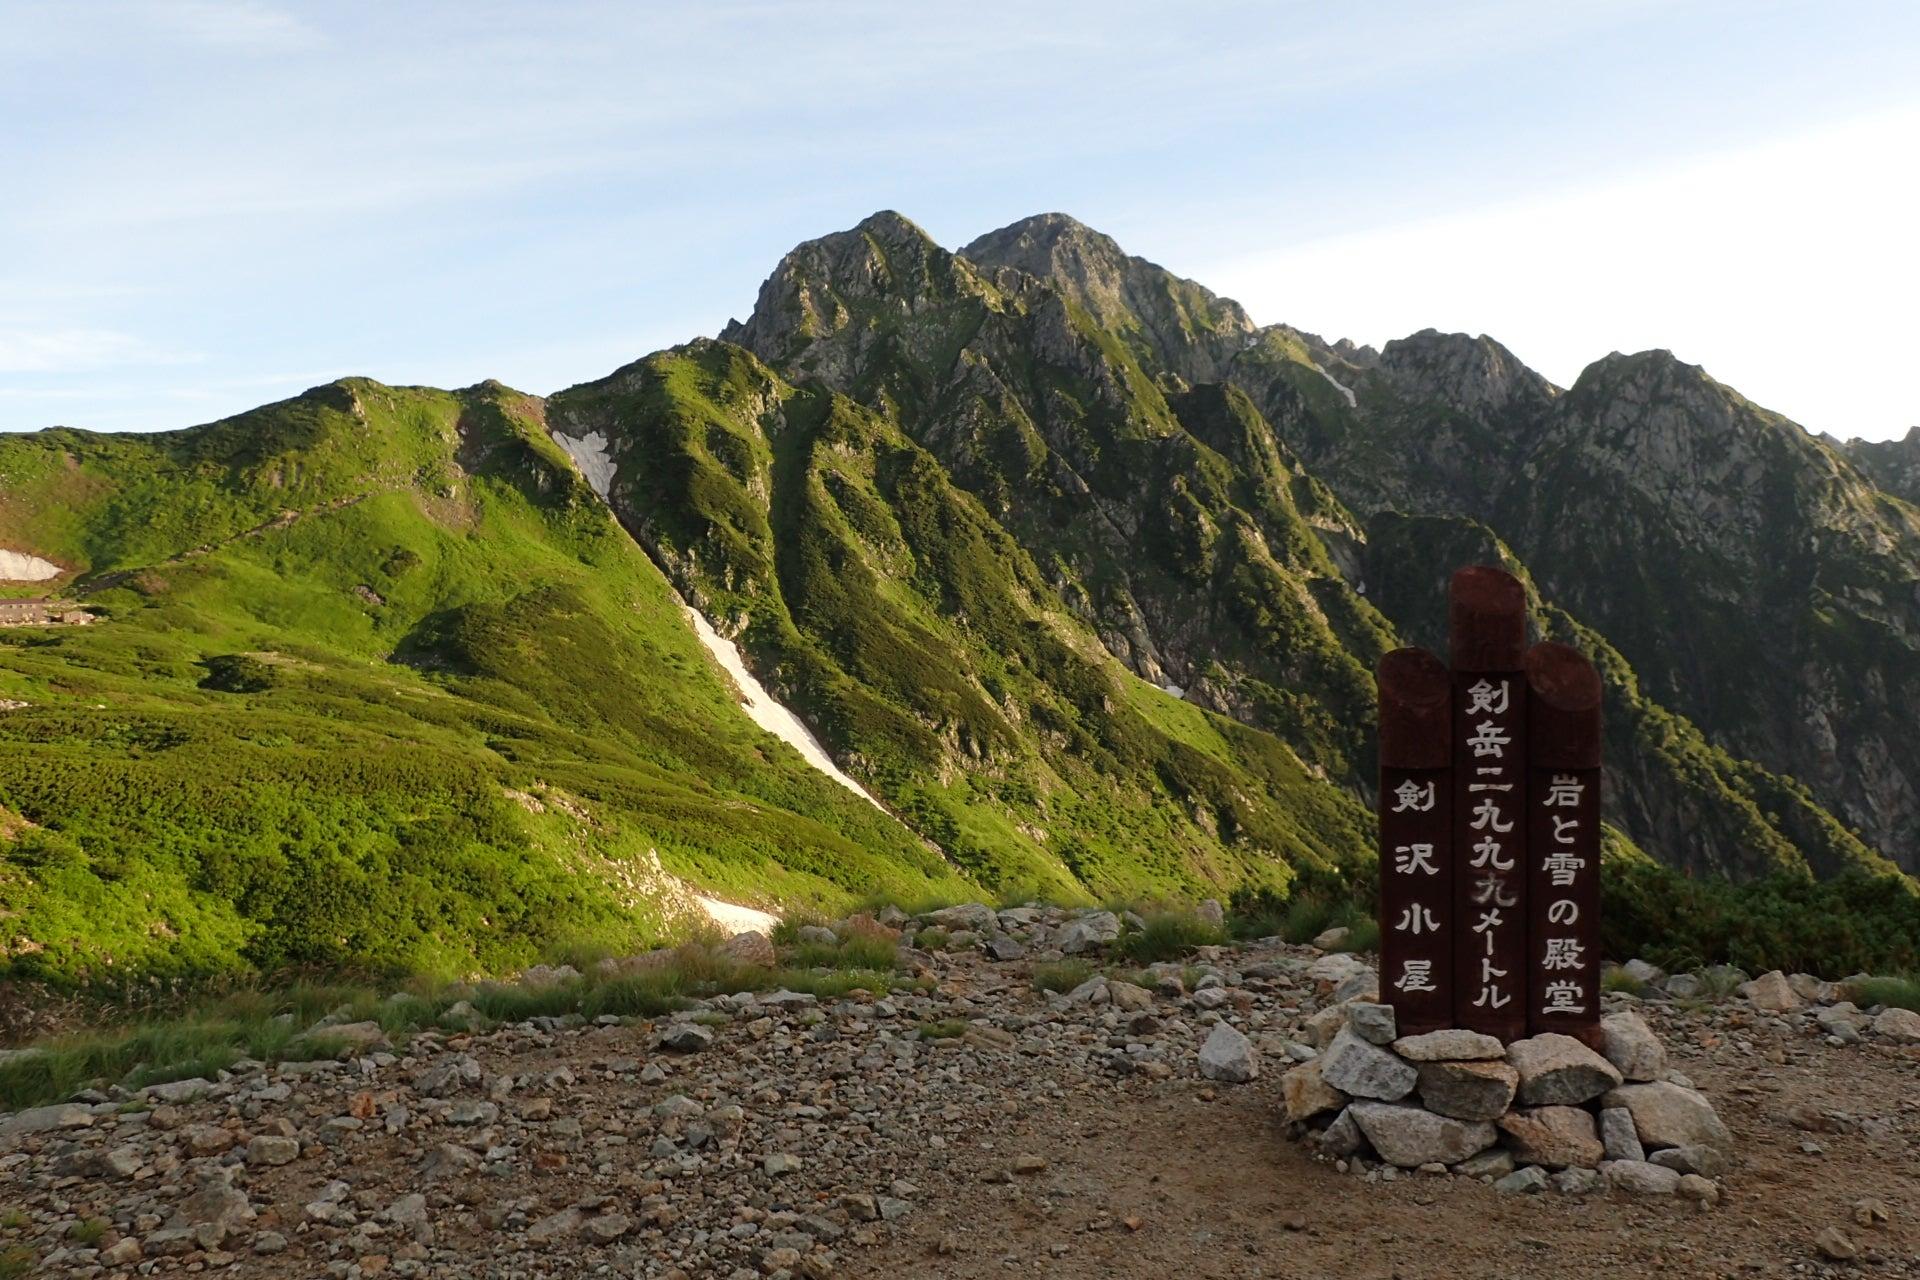 ゆきわり日記 司法書士・成田澄夫の事件簿剱岳に魅せられた人を「剱人」と呼ぶ(その8。完結編)